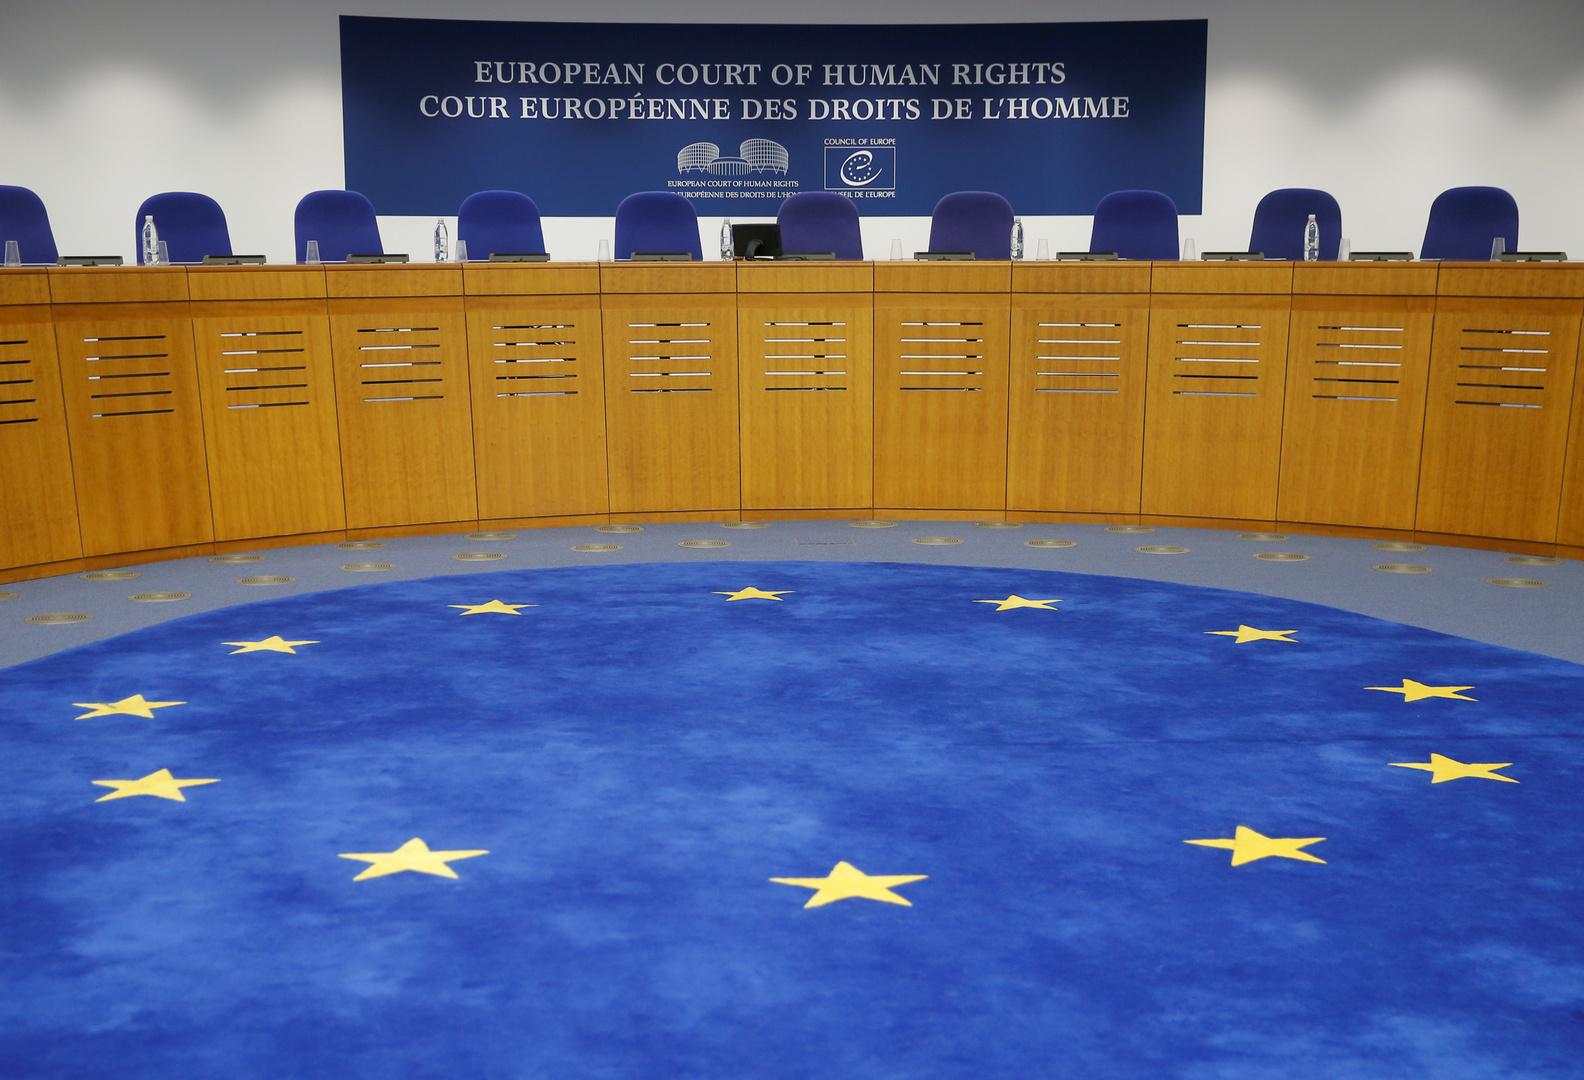 روسيا تقدم أول شكوى في تاريخها إلى المحكمة الأوروبية ضد الانتهاكات الأوكرانية